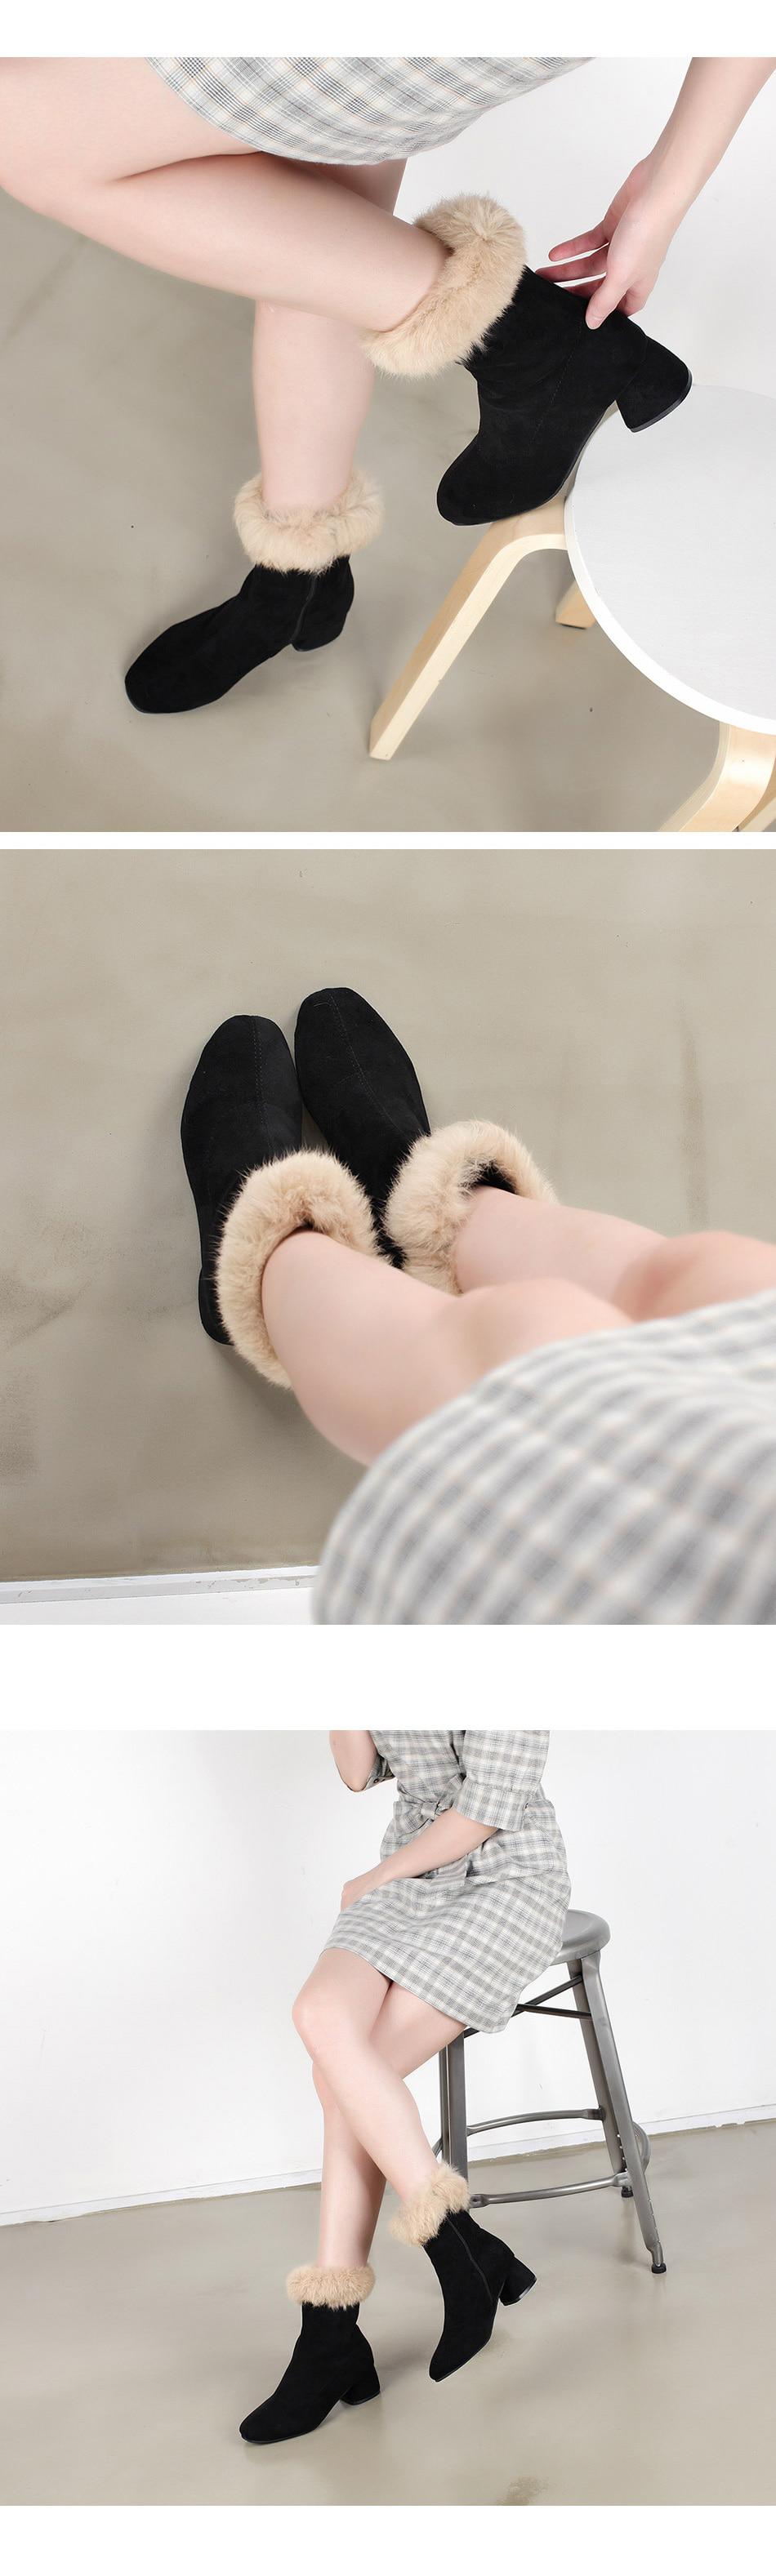 WS-6910(5cm) 겨울 여자 기모안감 미들 앵클부츠 하프 - 더보이더걸, 41,900원, 부츠, 앵클부츠